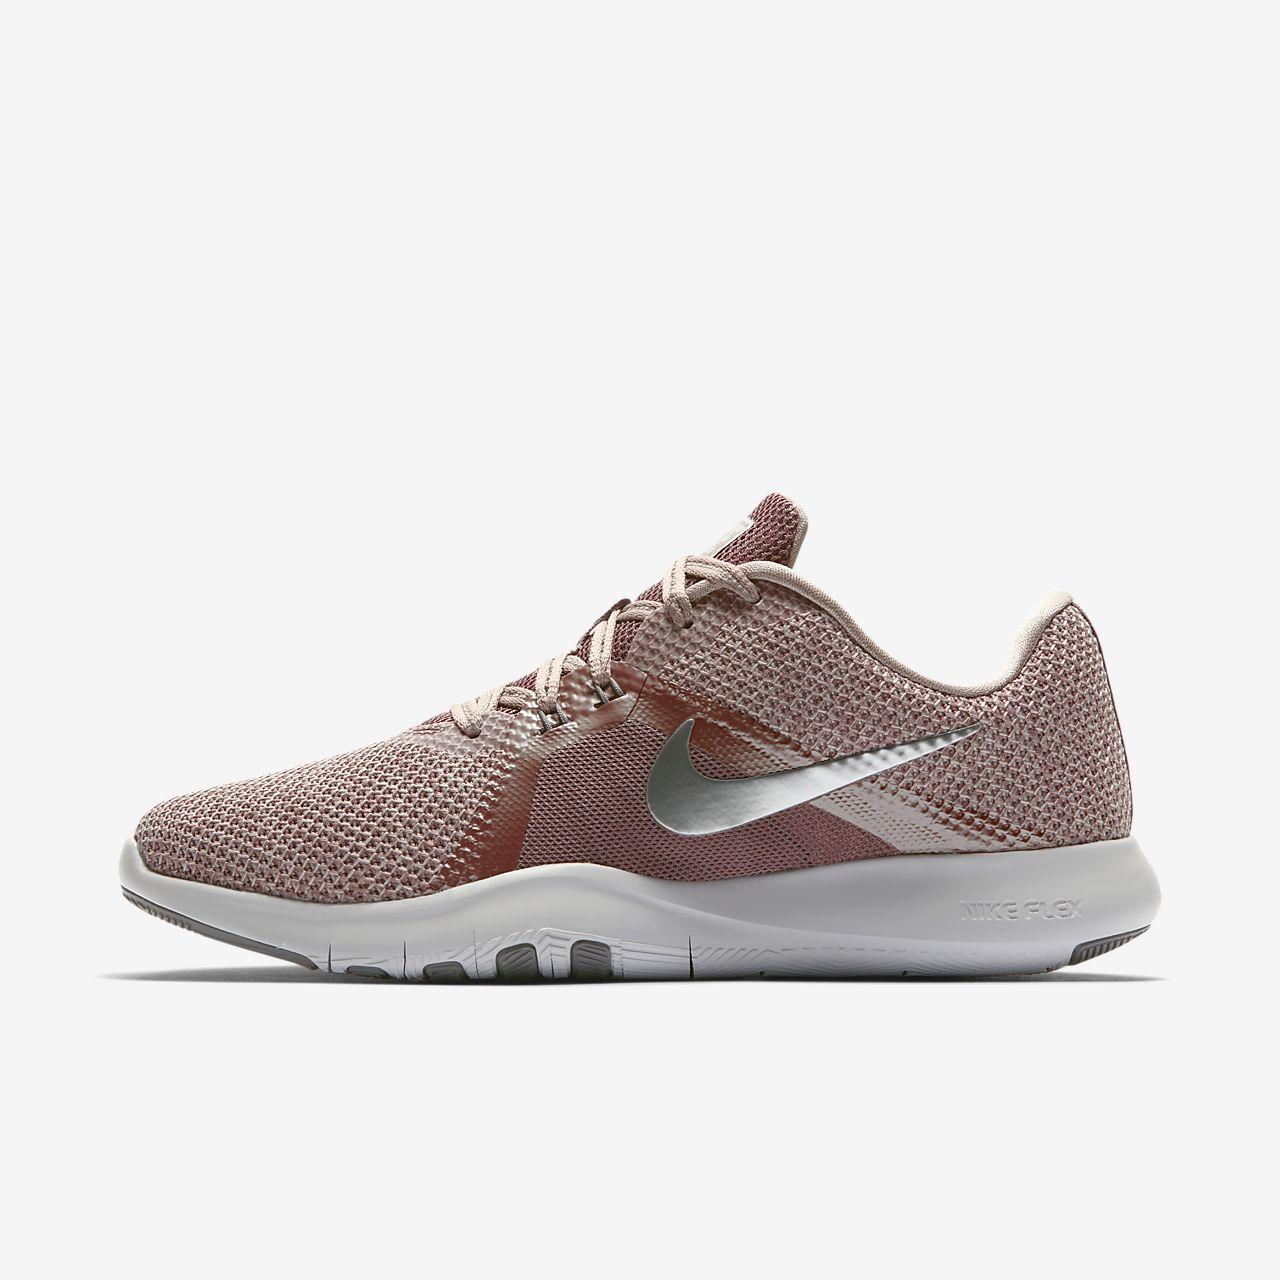 Fitness Et Nike Chaussure Femme Flex Trainer Pour De D'entraînement 8 Premium 3RcqA54jL